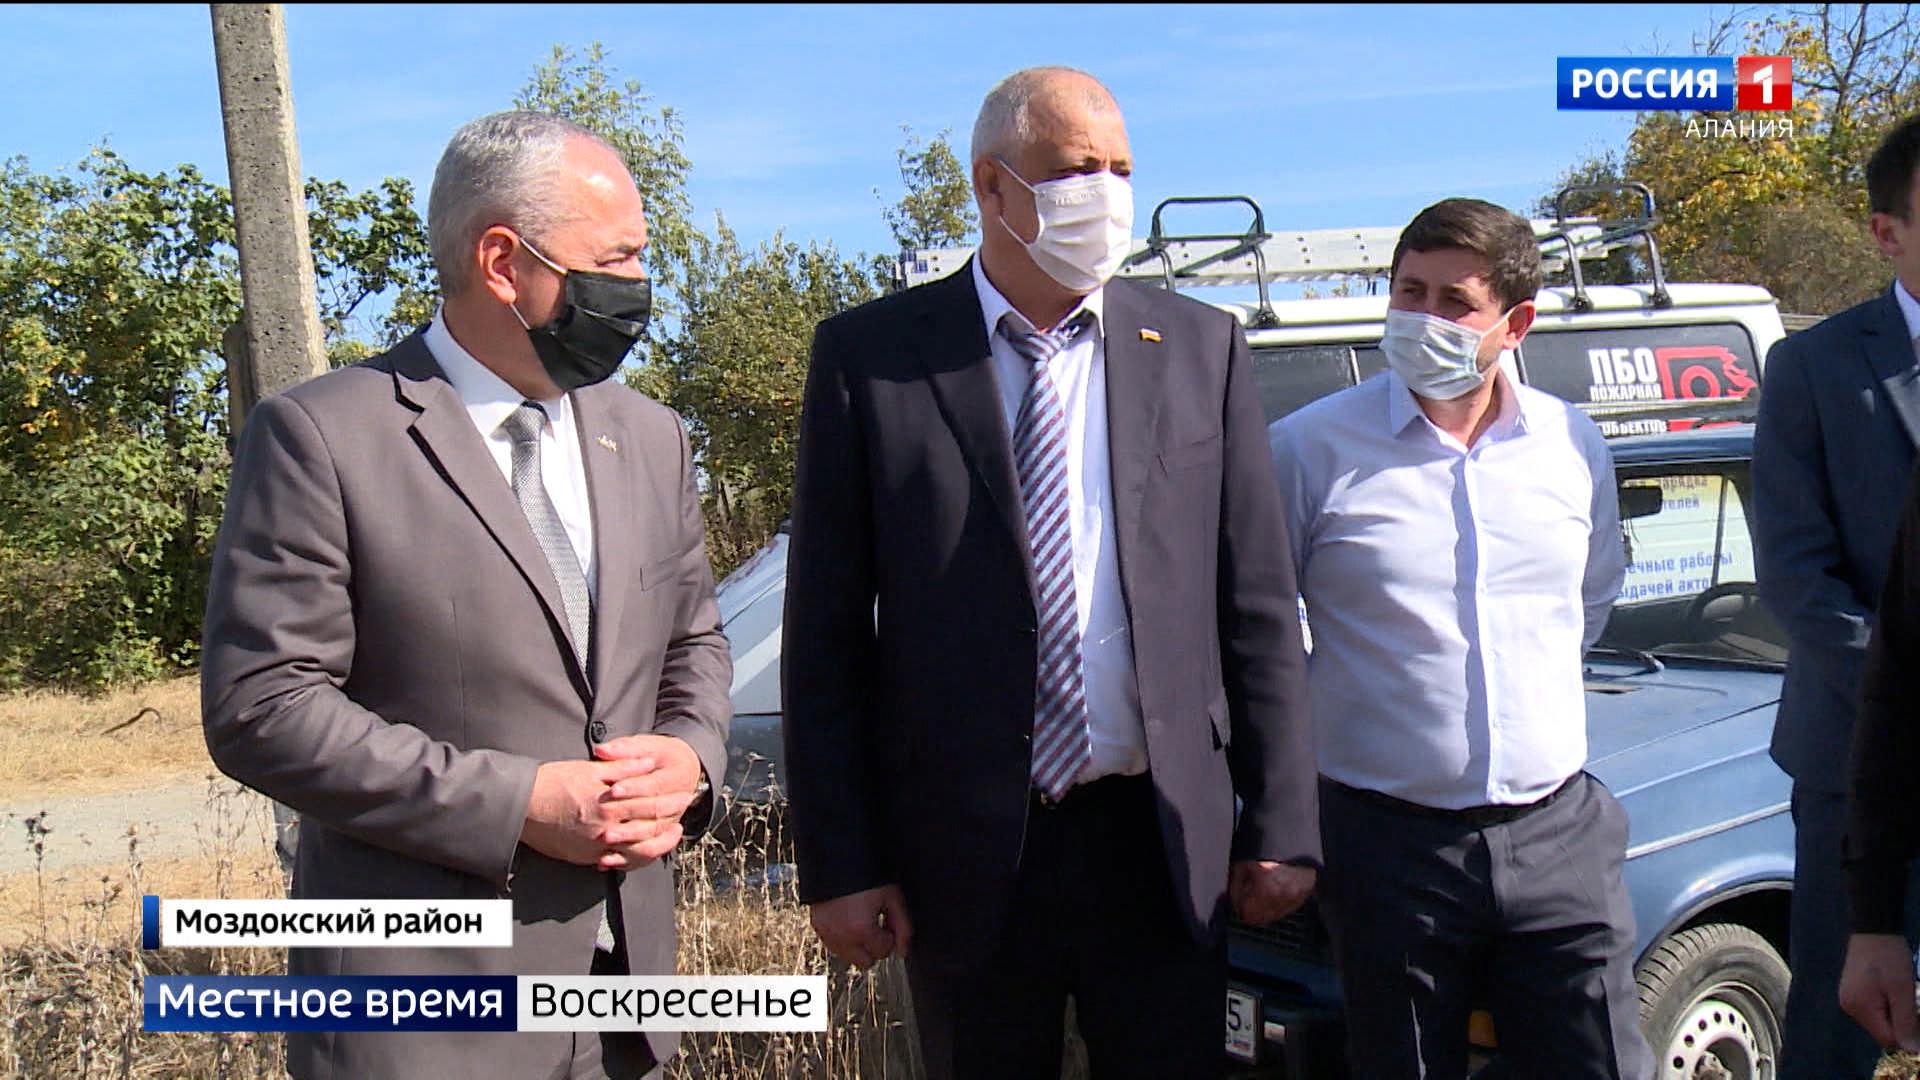 Таймураз Тускаев проинспектировал ход строительных работ на объектах в Моздокском районе